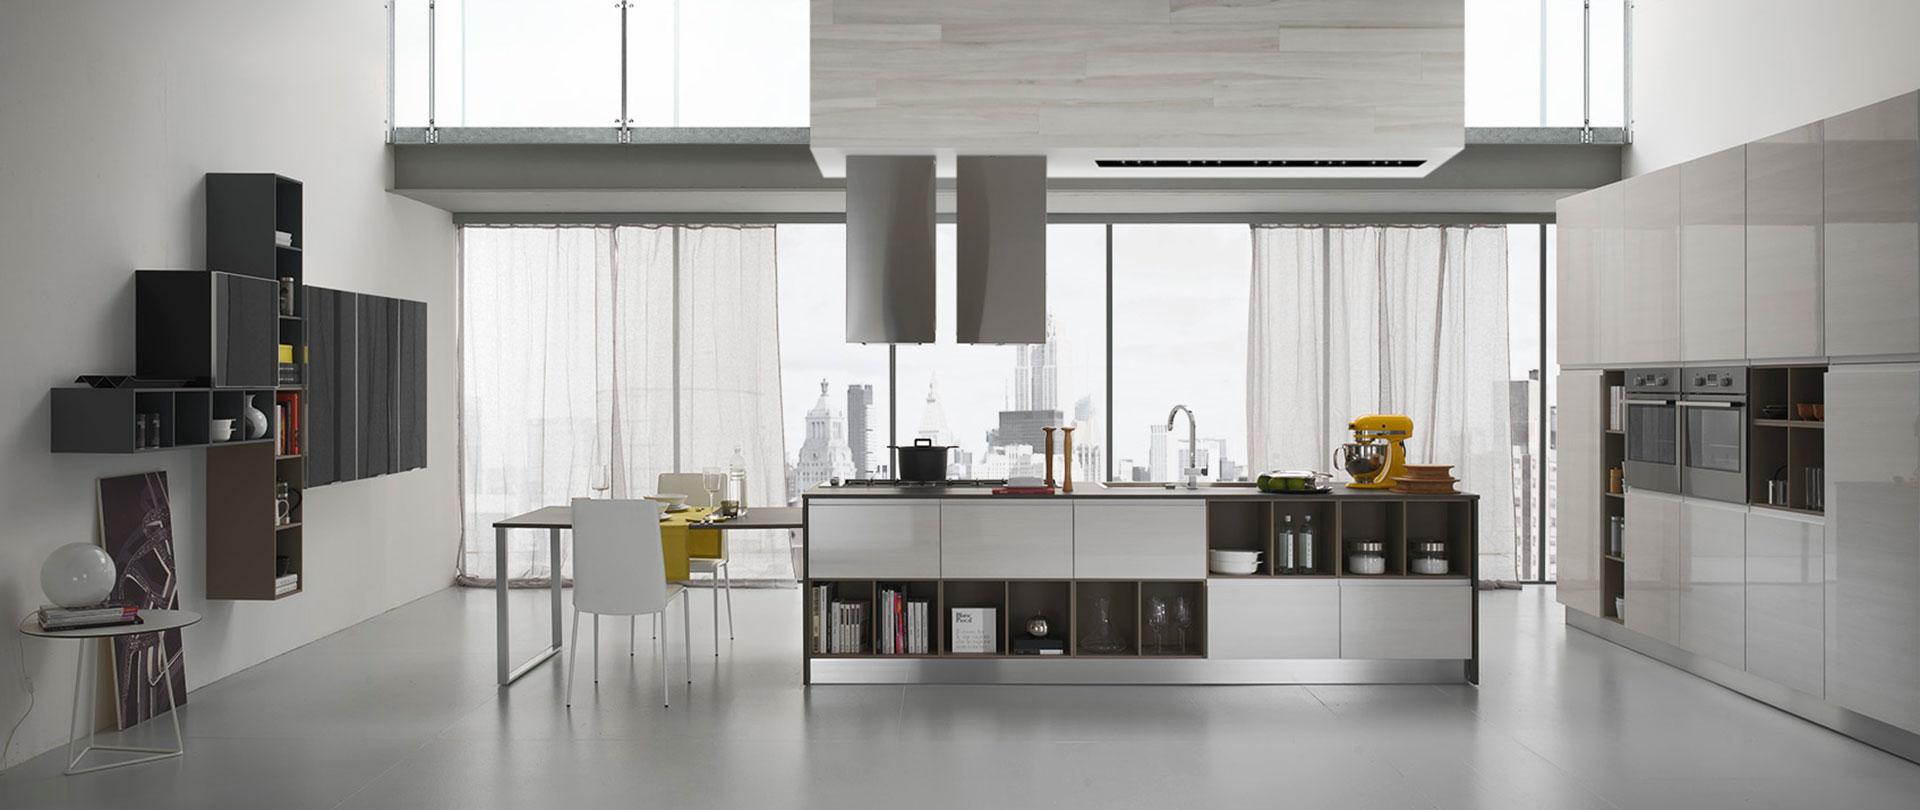 03-cucina-moderna-vivian-mobilturi - Cucinissima